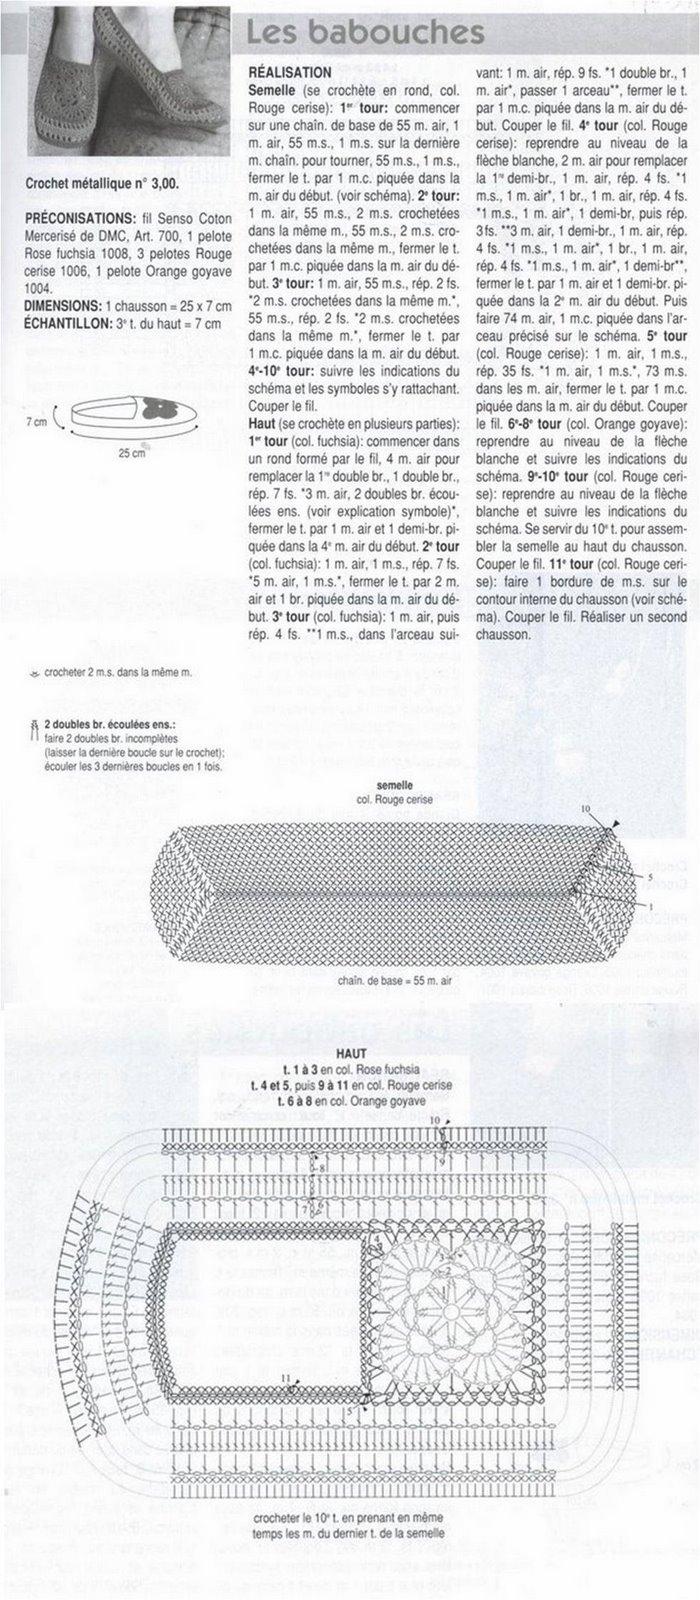 Solo esquemas y diseños de crochet: octubre 2012